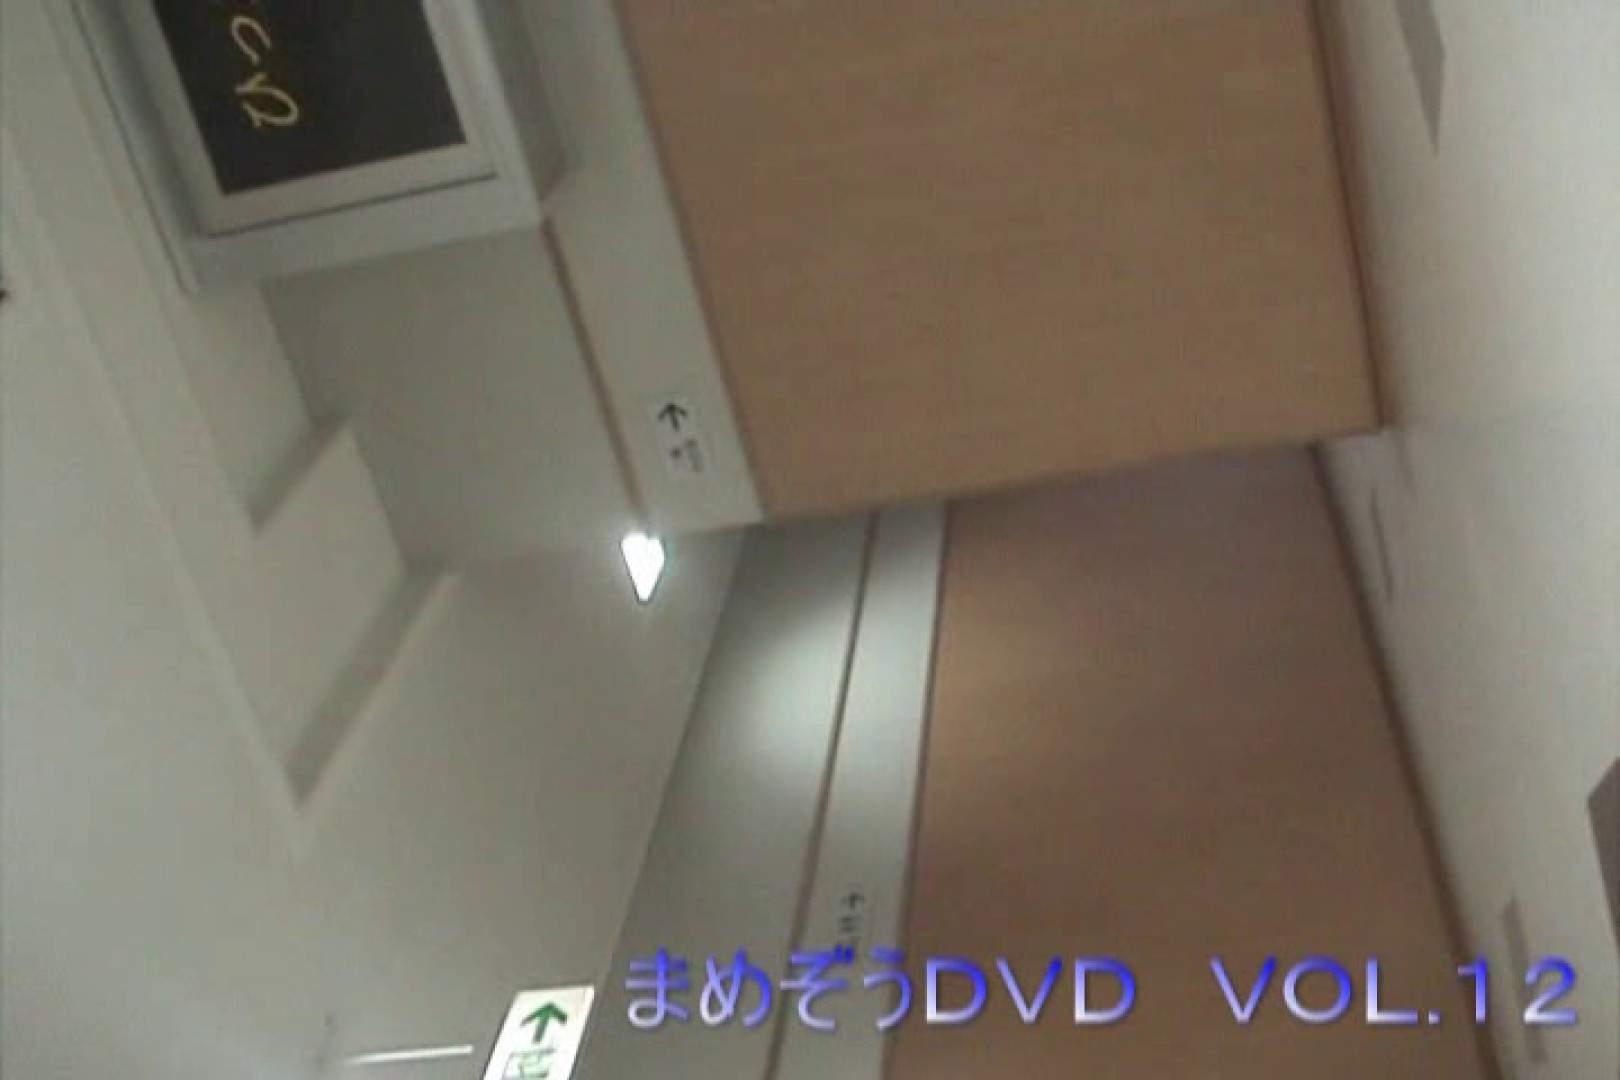 まめぞうDVD完全版VOL.12 OL   ギャル・コレクション  63連発 35